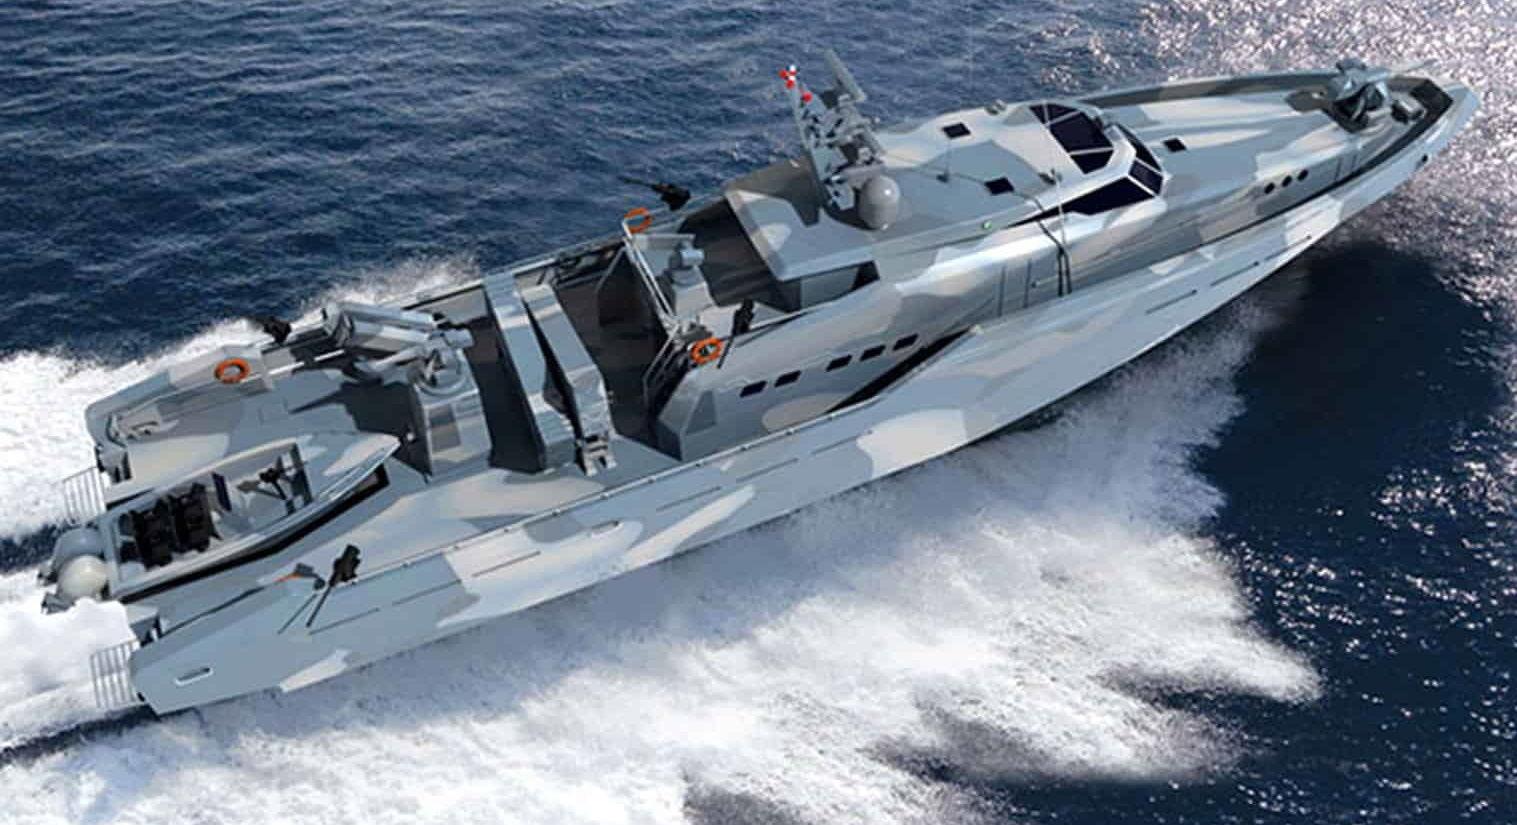 Британия спроектирует боевые катера специально для Украины - военный атташе